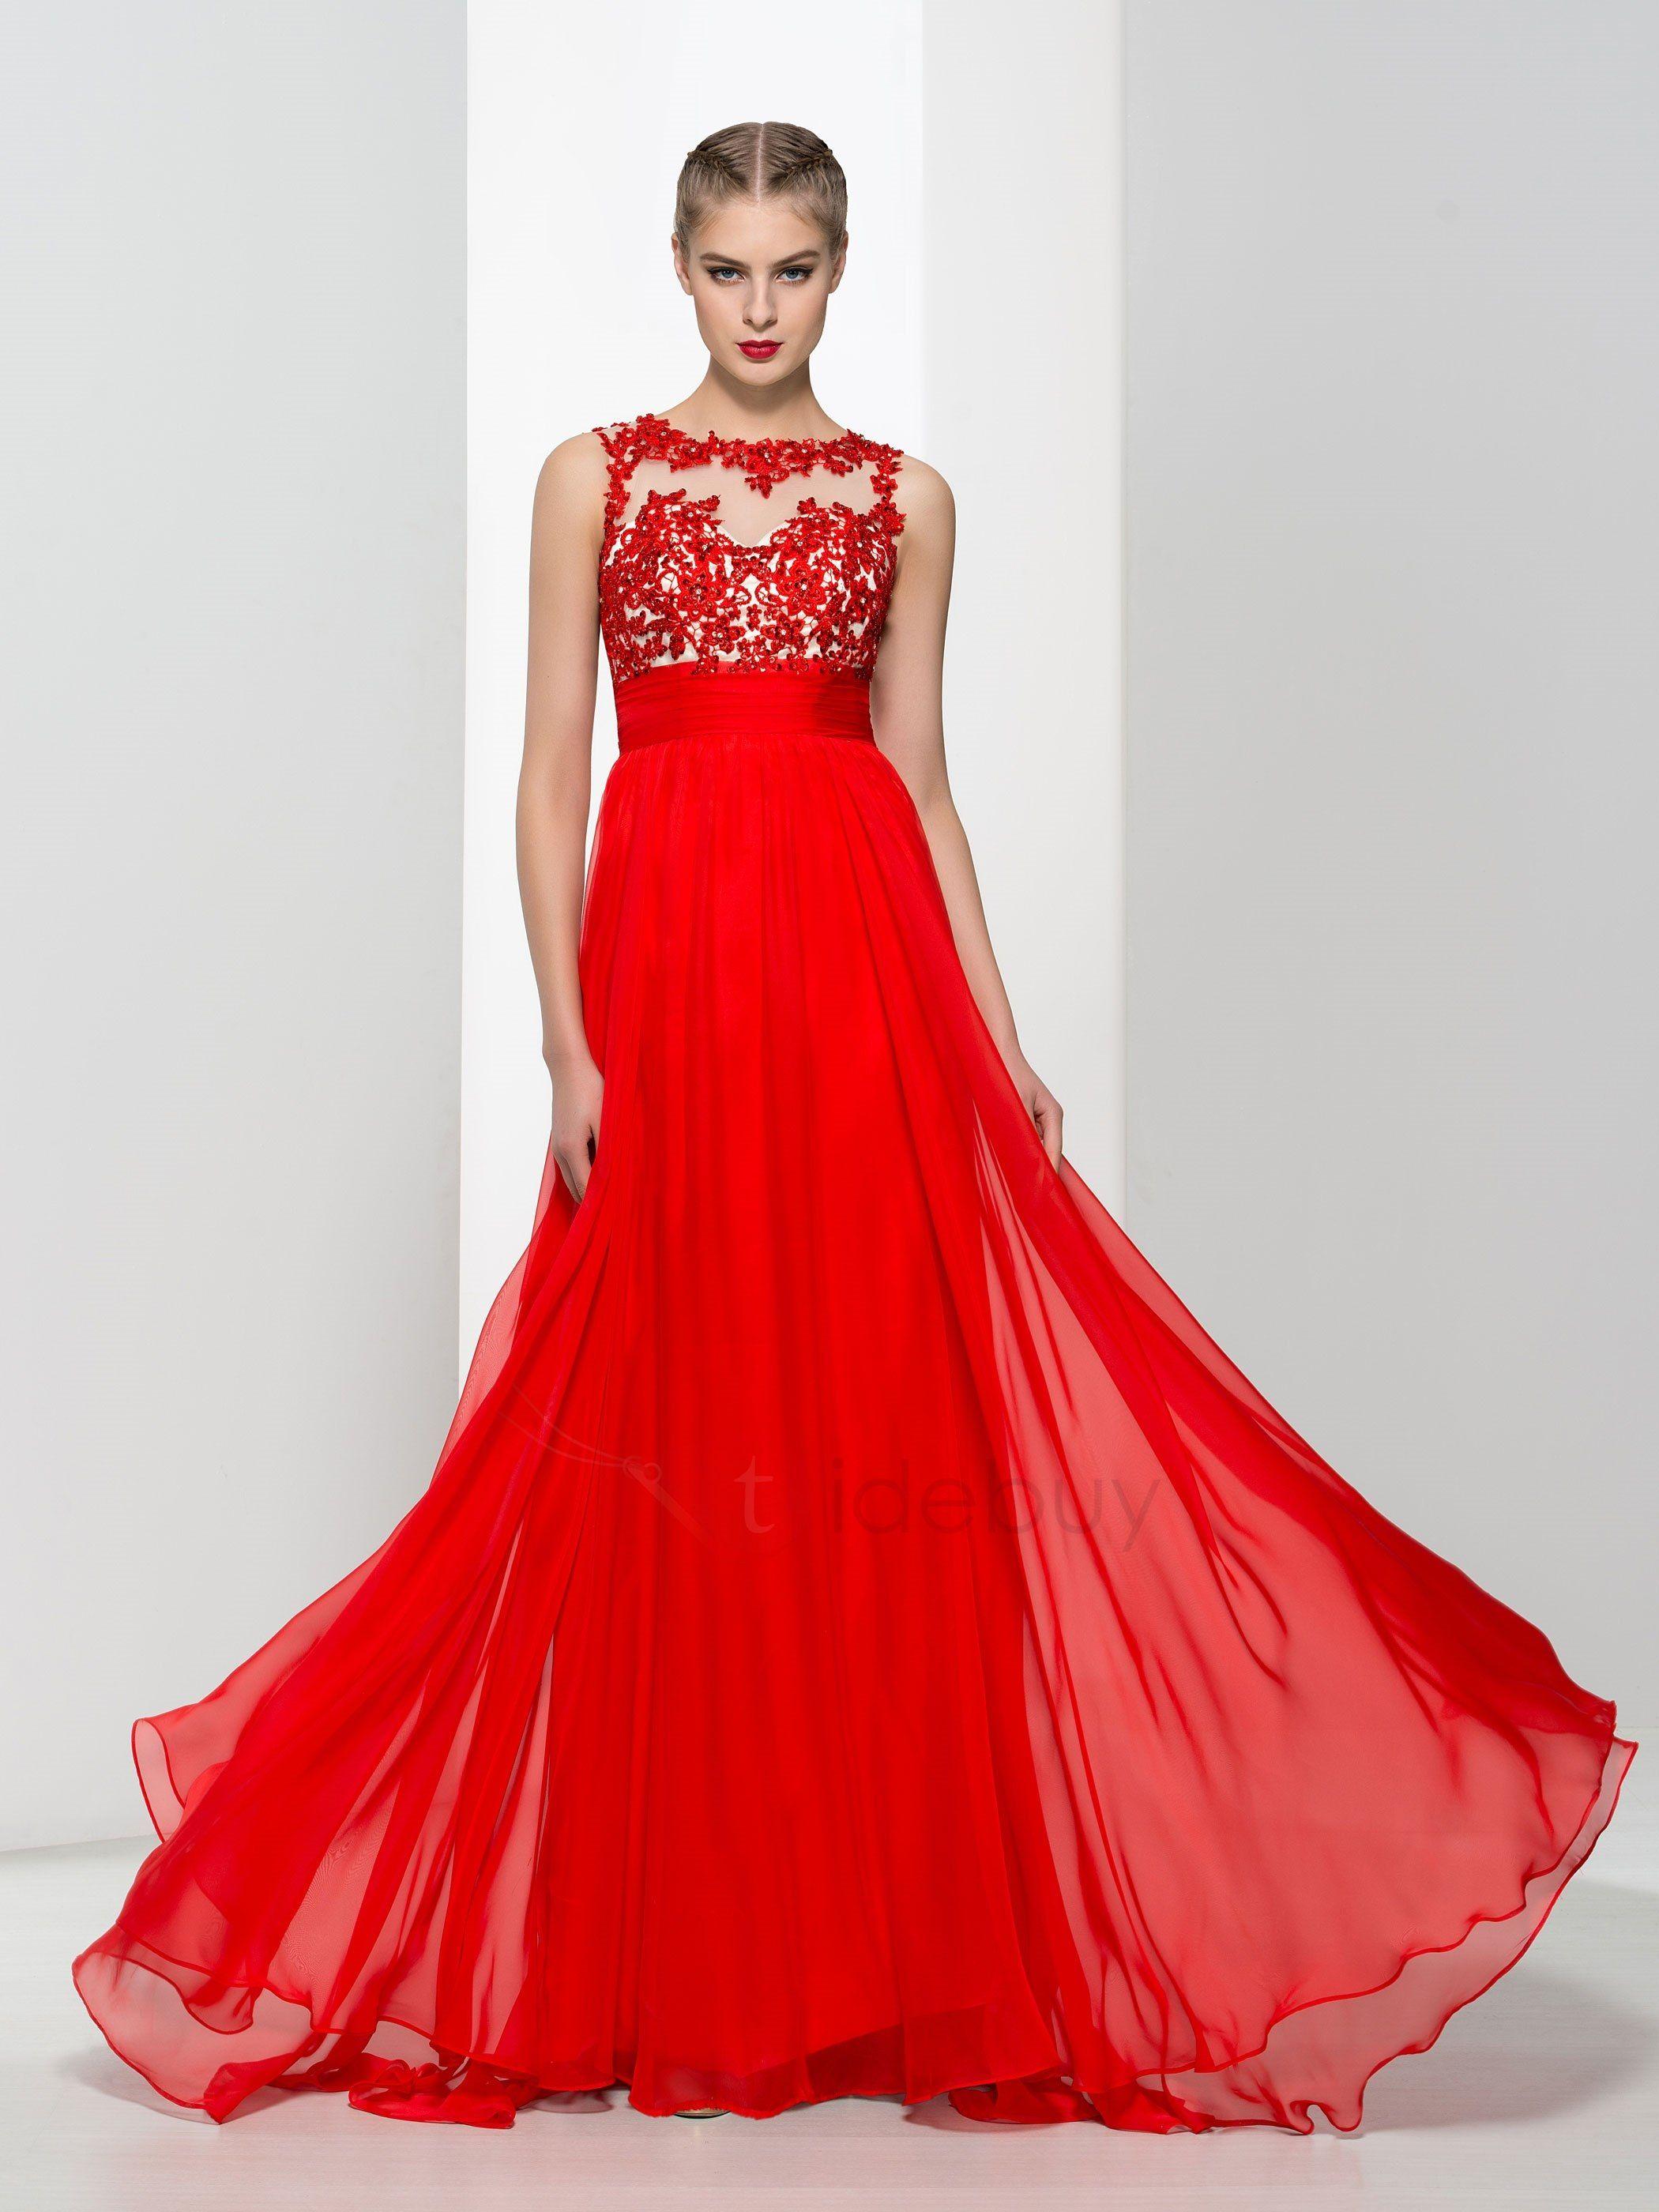 Erstaunlich Trägern Applikation Rückenfrei rotes Abendkleid ...